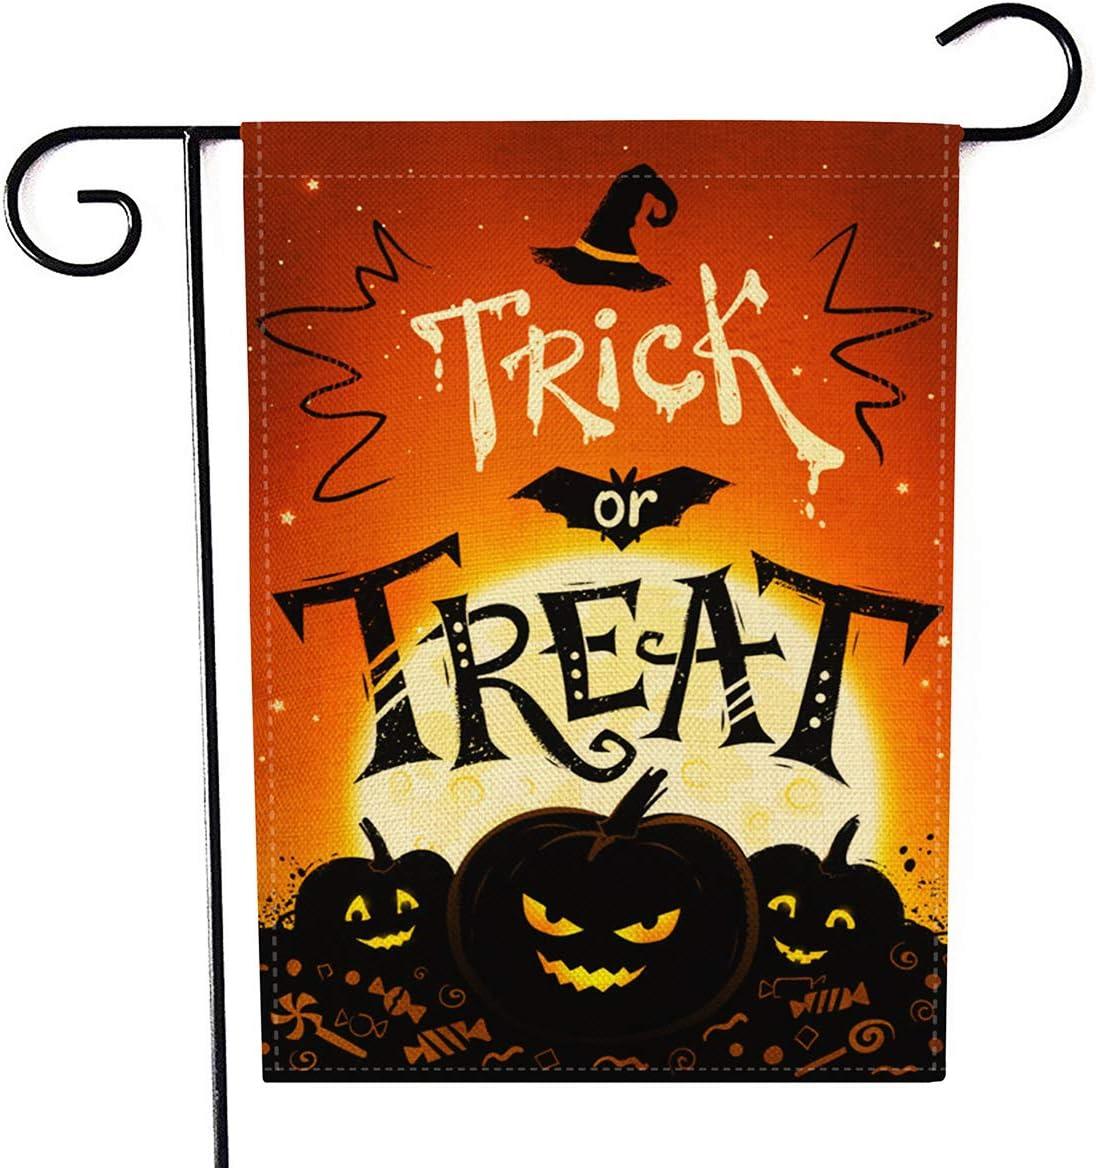 Emopeak Halloween Garden Flag, Outdoor Burlap Banners with Pumpkin- 12 x 18 Inch - Happy Halloween Decorations